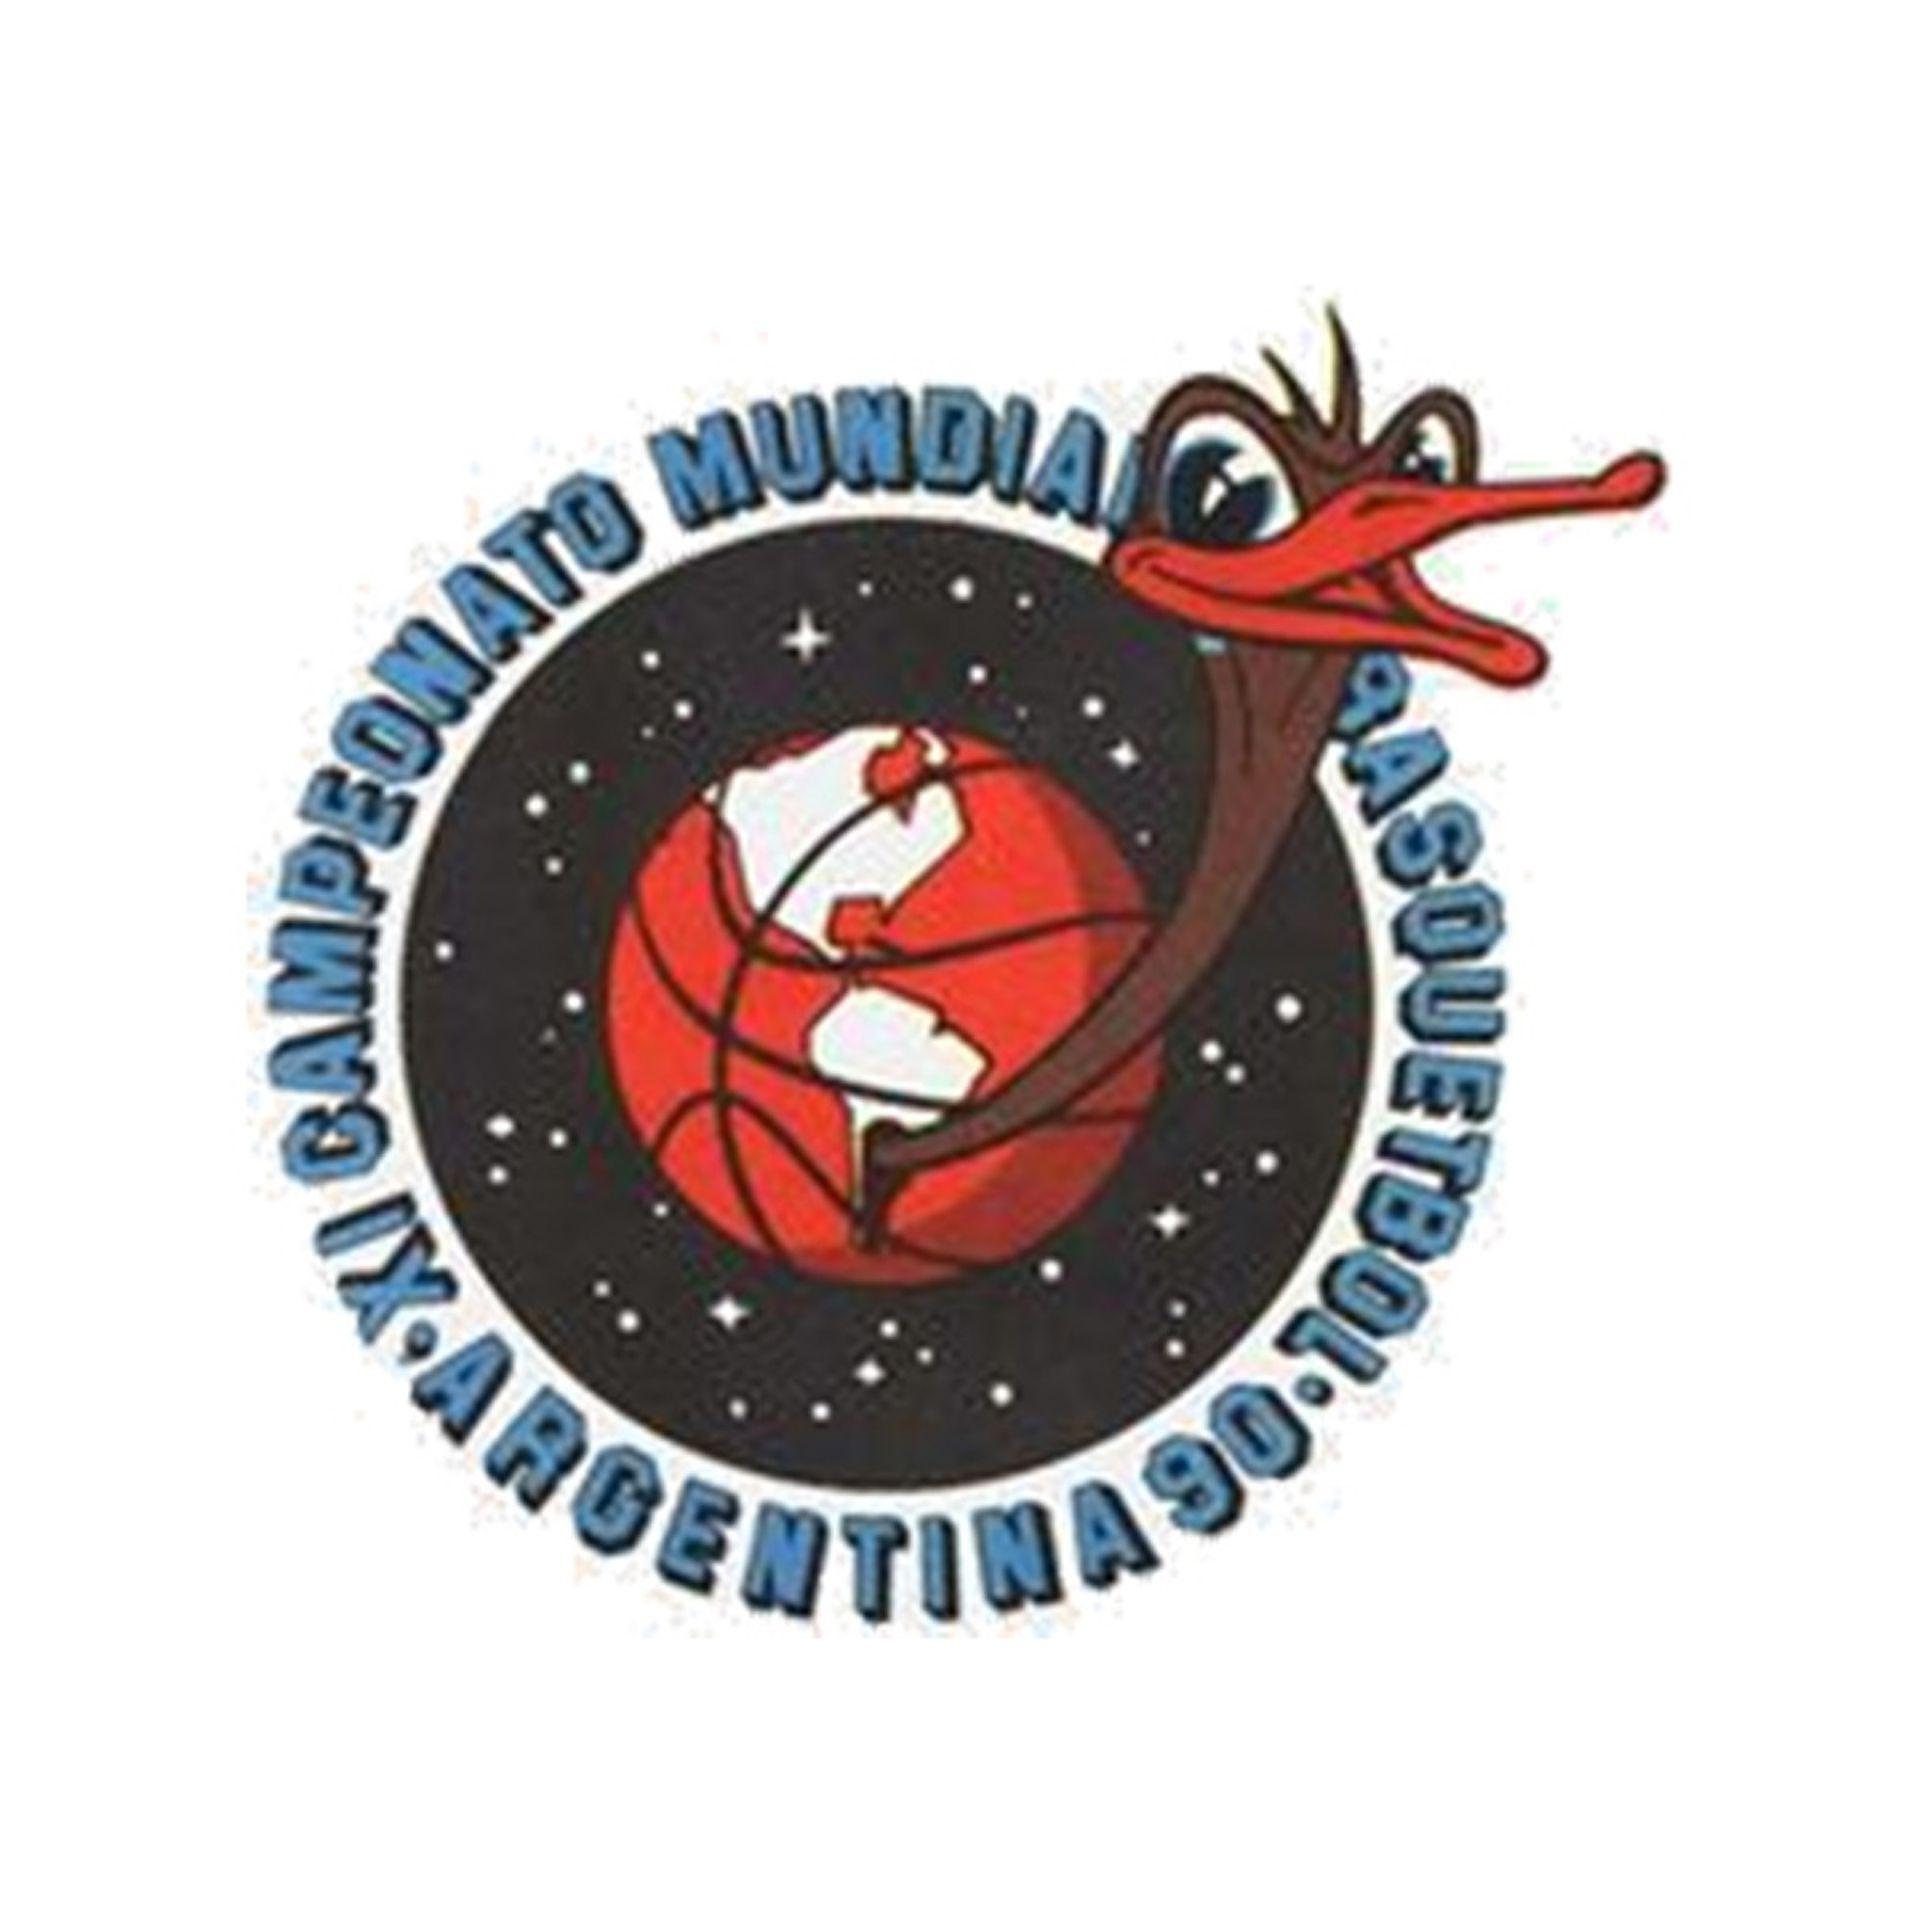 El logo del campeonato Mundial de básquetbol de de Argentina 1990